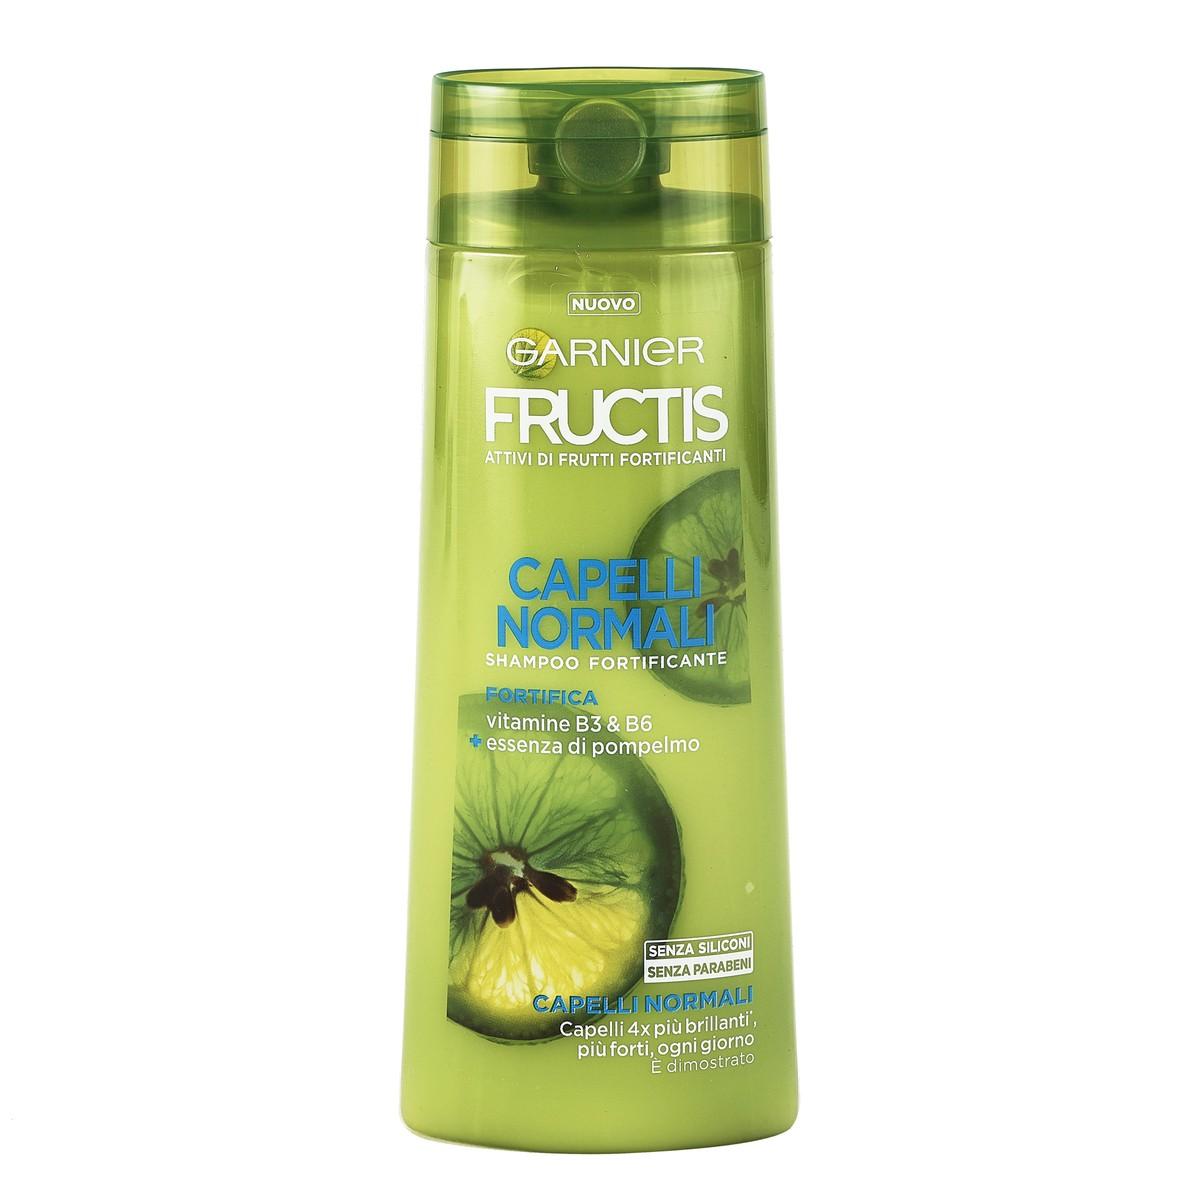 Garnier Fructis Shampoo fortificante Capelli Normali